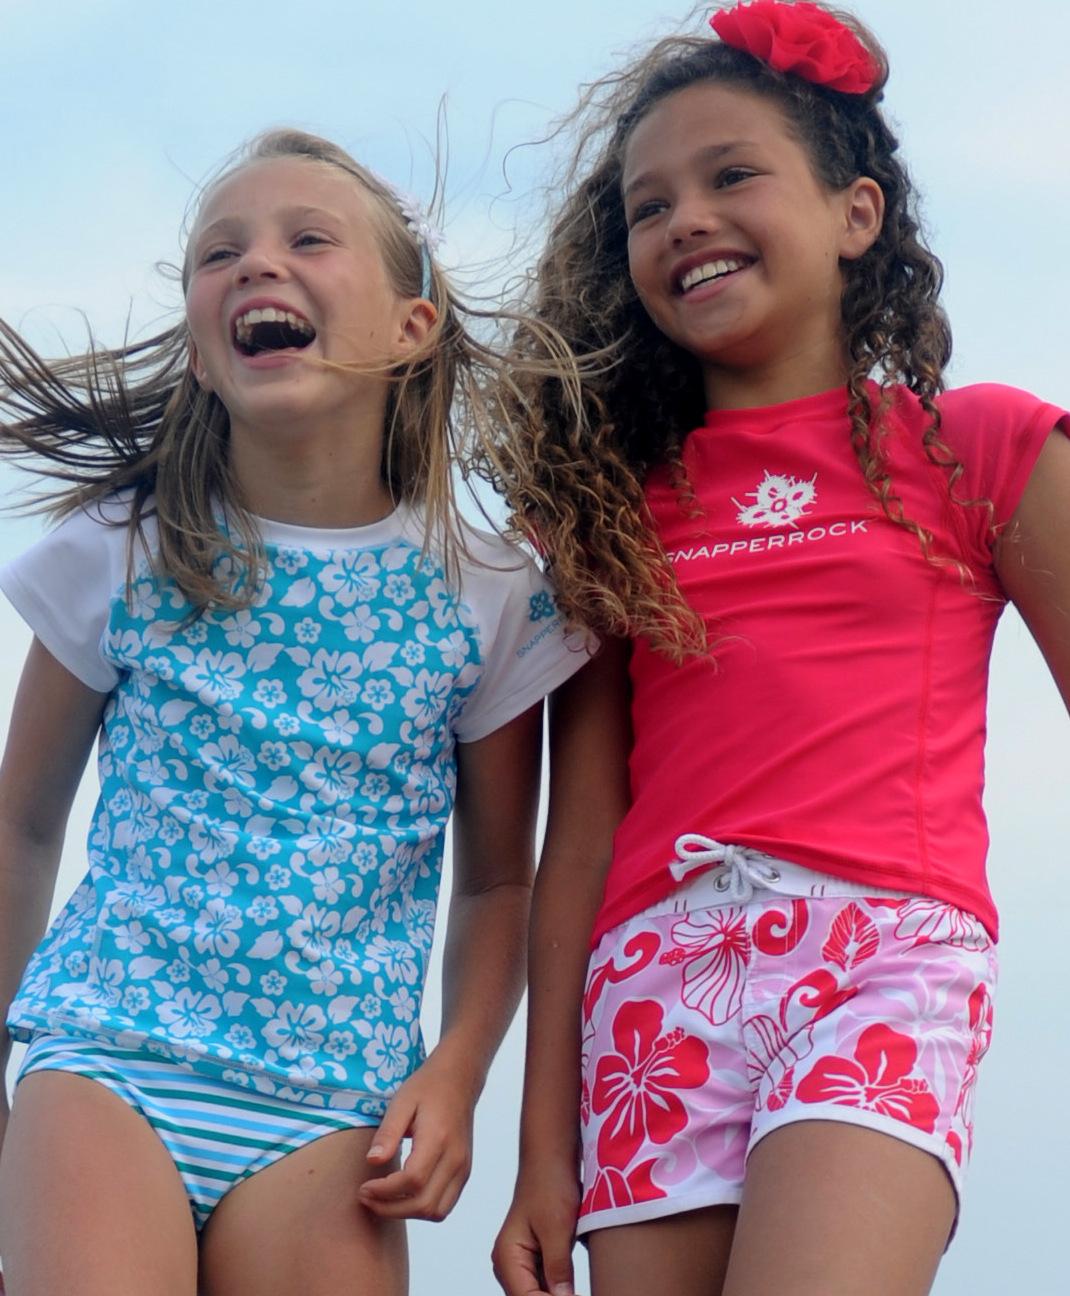 f4626a48987249 voor vragen over uv beschermende zwemkleding voor meisjes kunt u stellen  door te mailen naar: info@stoerekindjes.nl of bel naar: 06-34864290